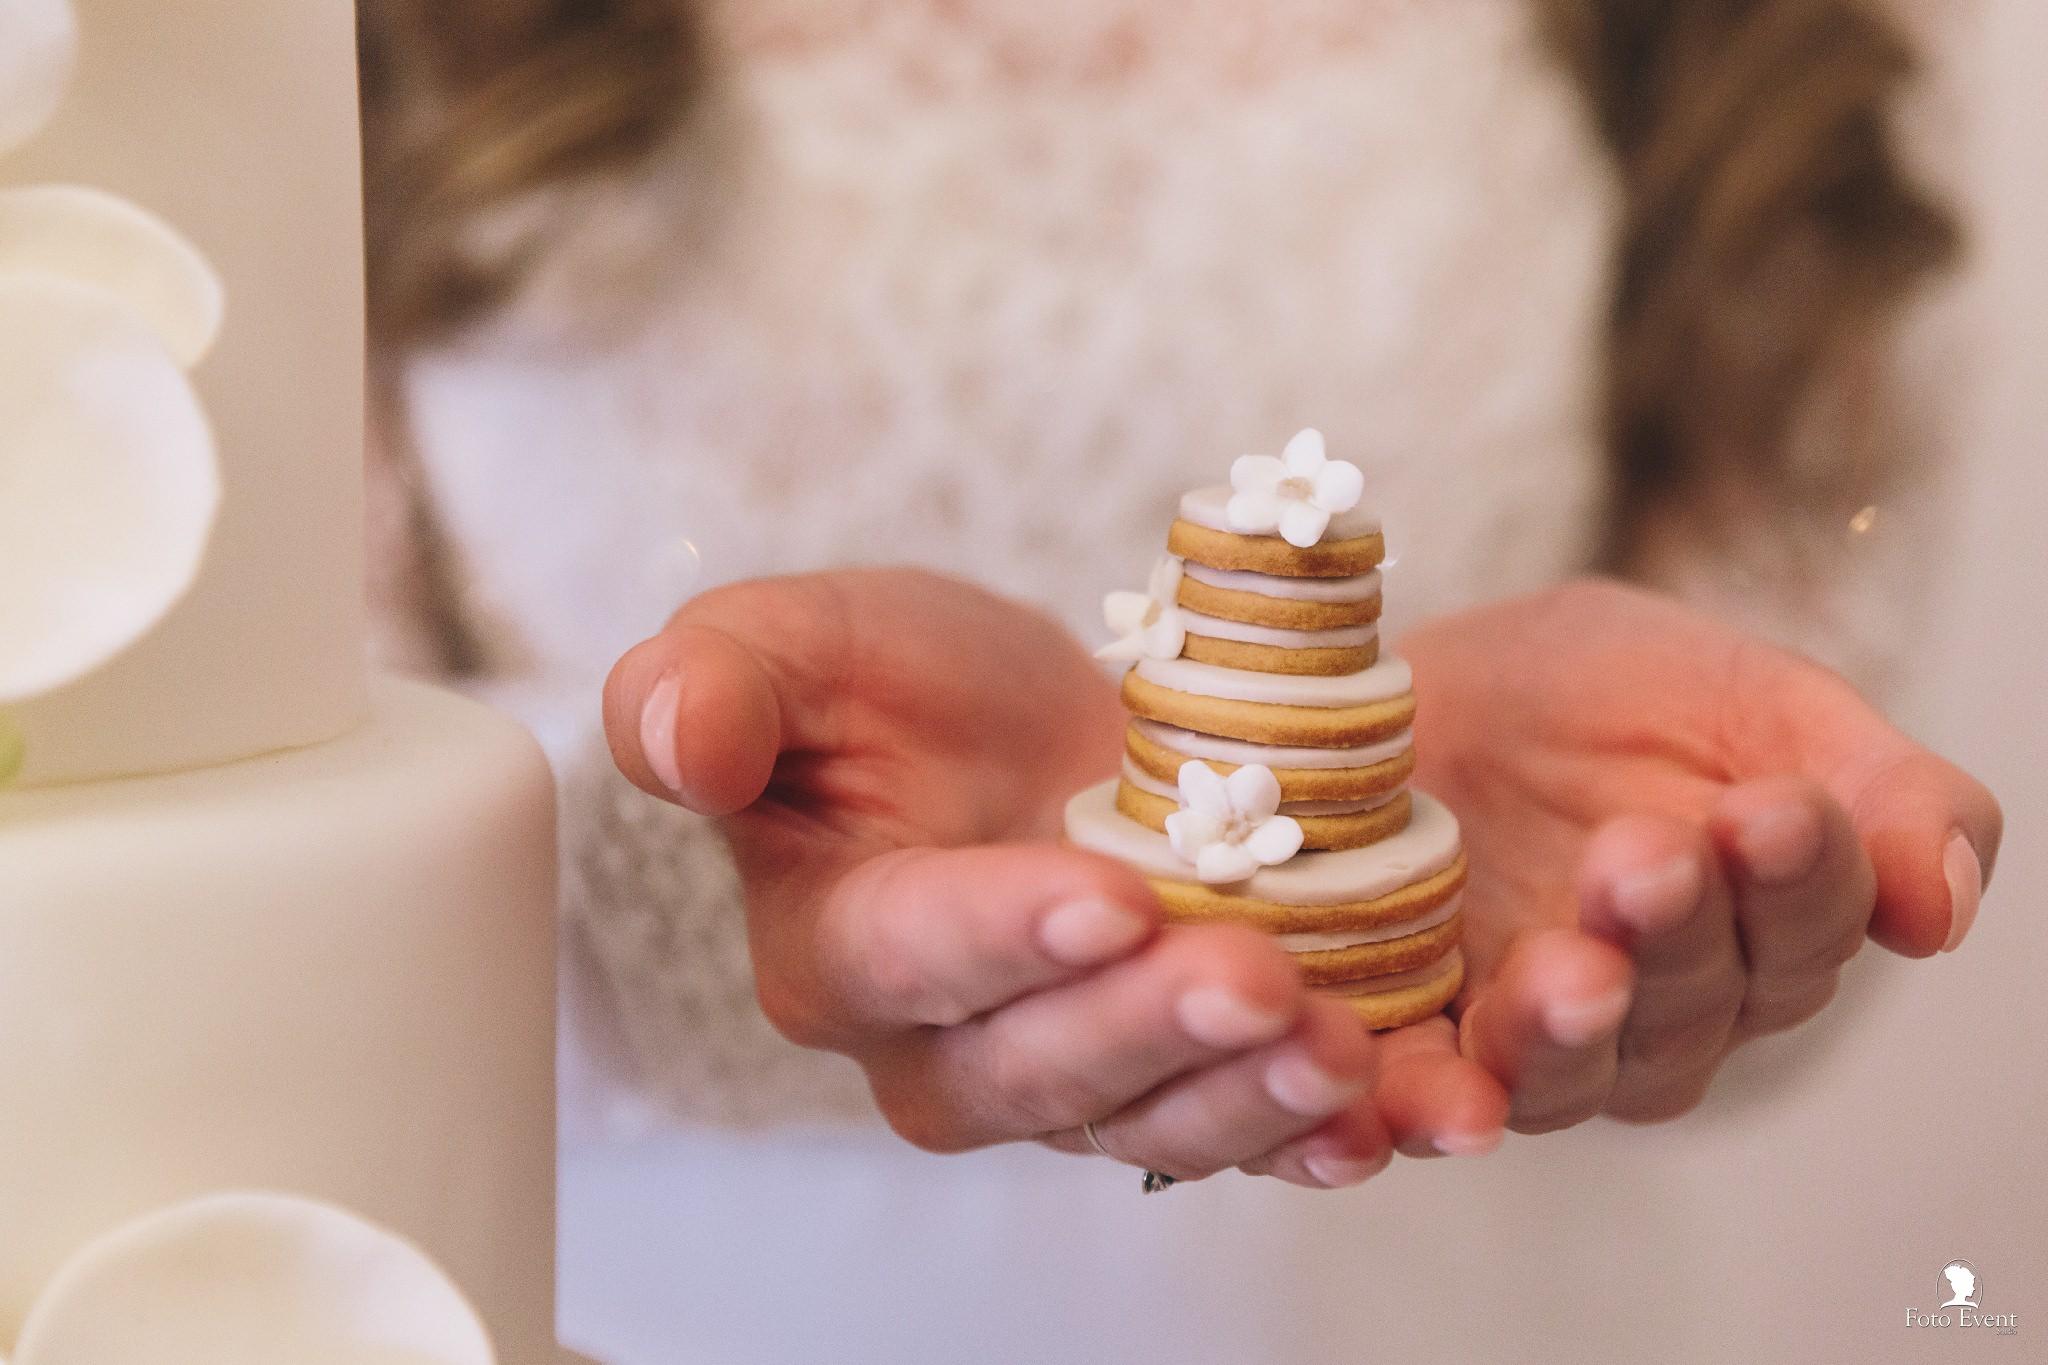 264-2019-05-09-Matrimonio-Maria-Concetta-e-Daniel-Gebbia-5DE-638